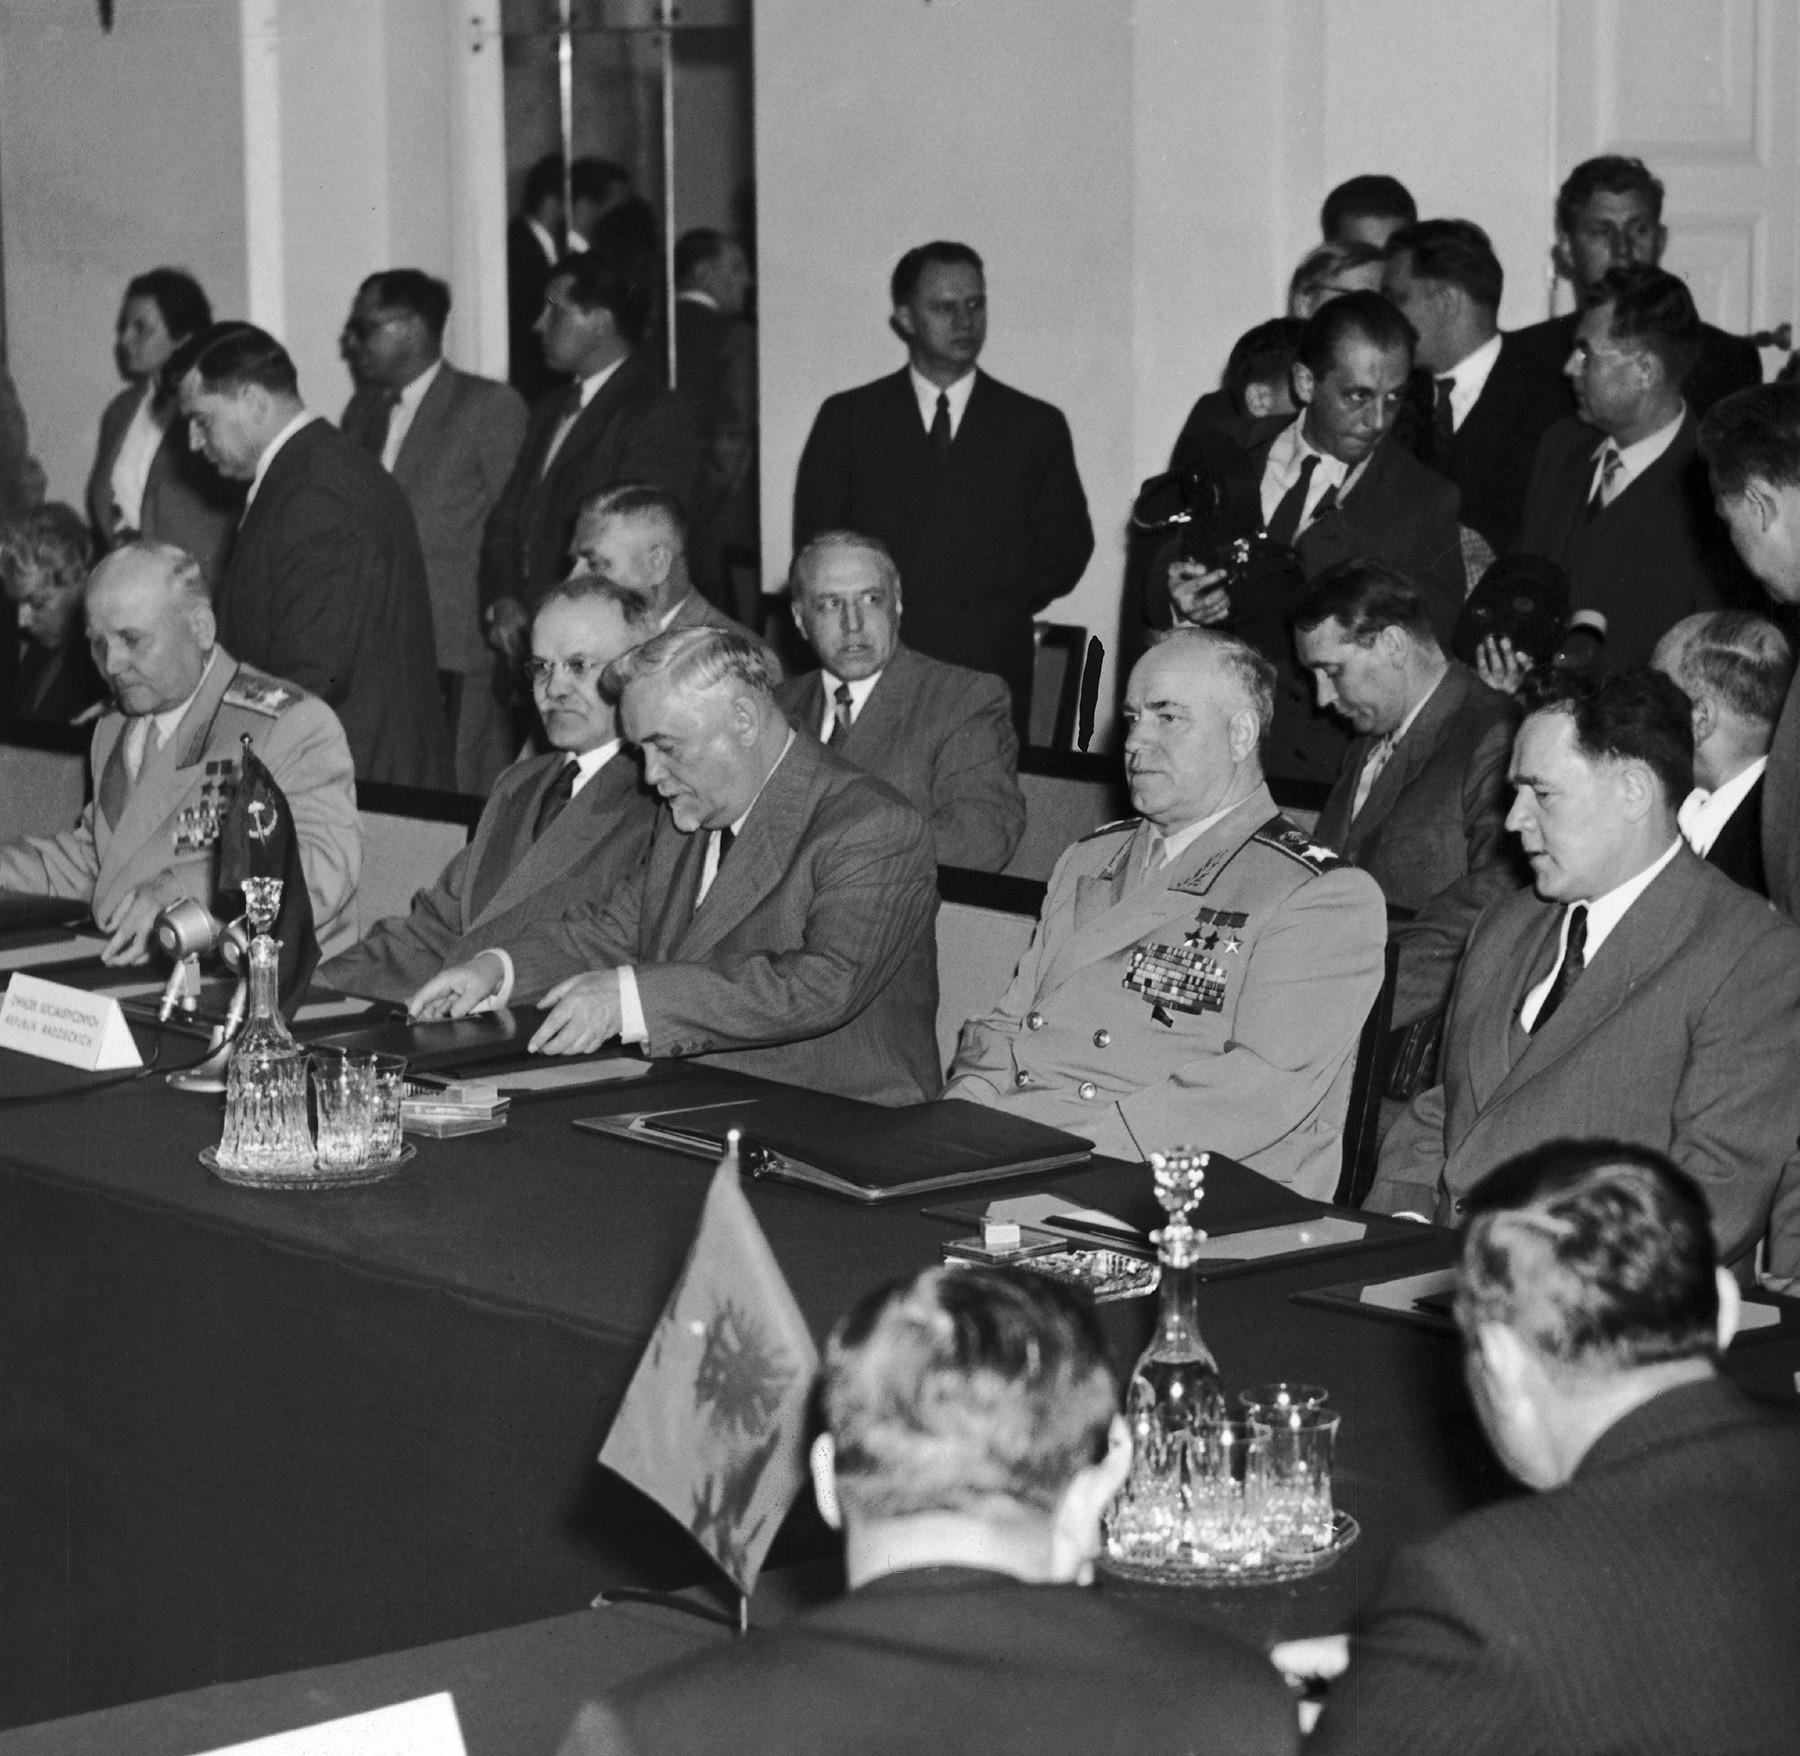 Делегације СССР, Албаније, Бугарске, Пољске, Румуније и Кине. 14. мај 1955.